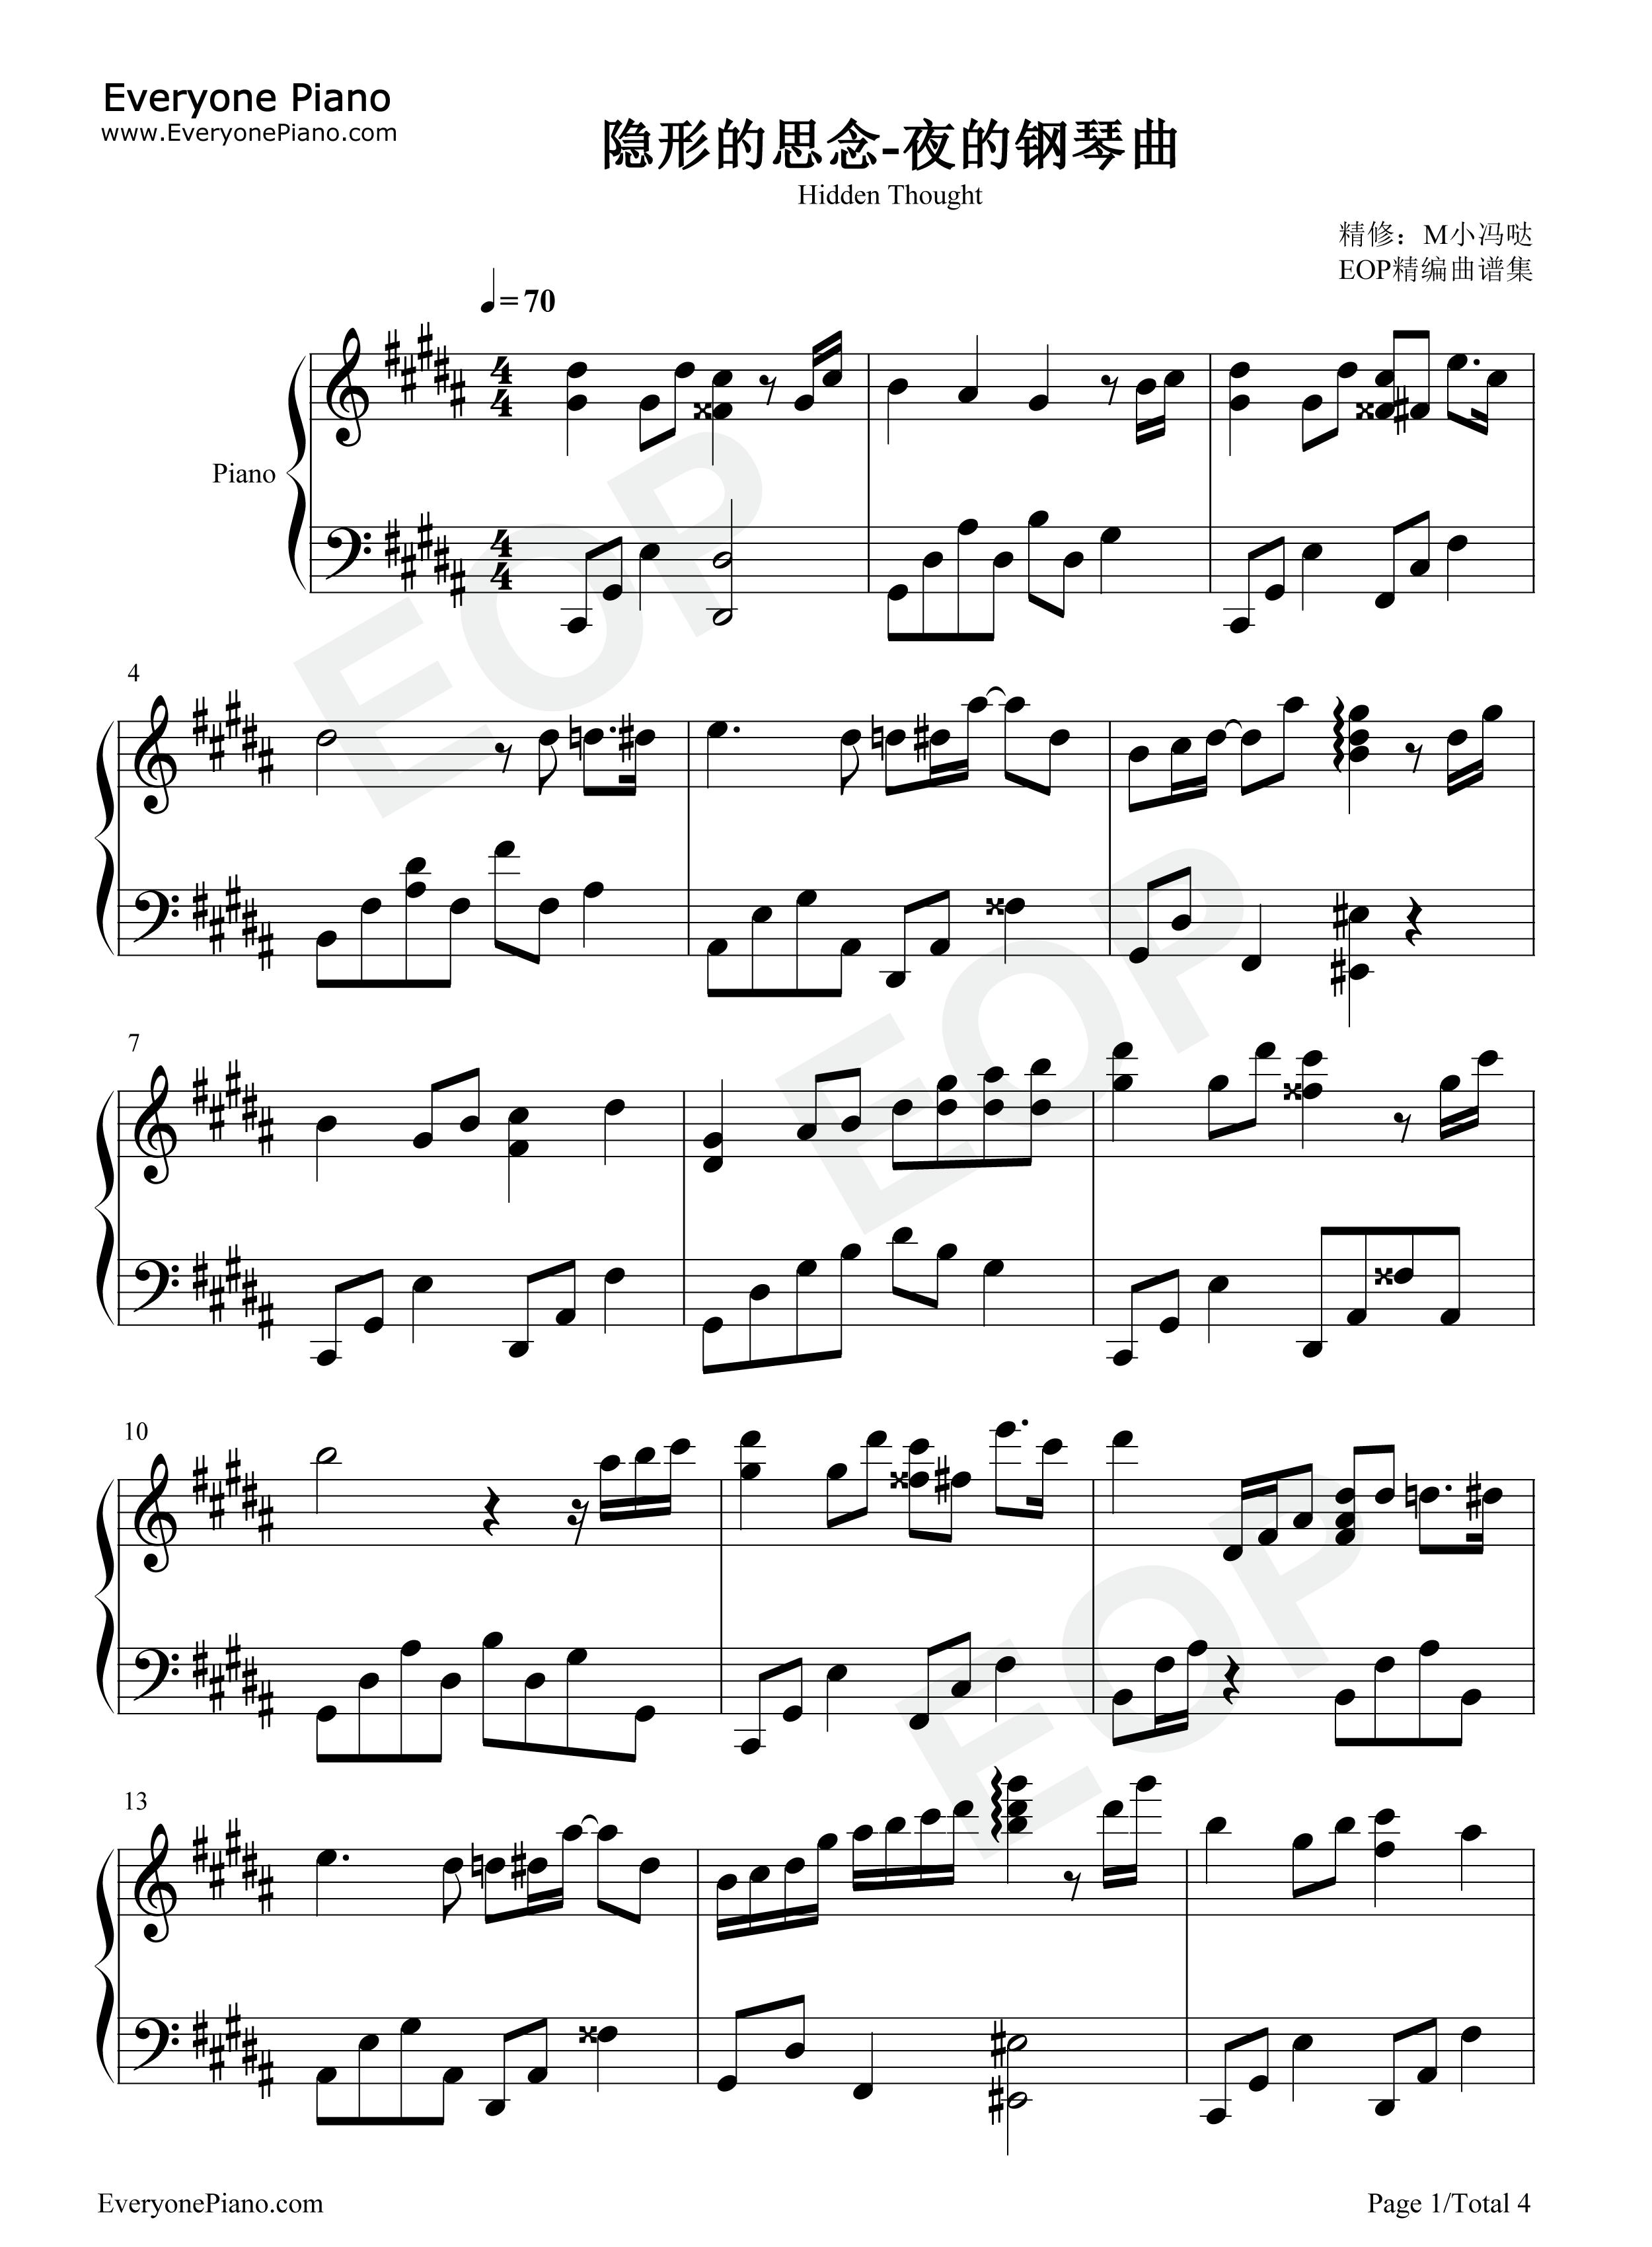 钢琴曲谱 轻音乐 隐形的思念-夜的钢琴曲 隐形的思念-夜的钢琴曲